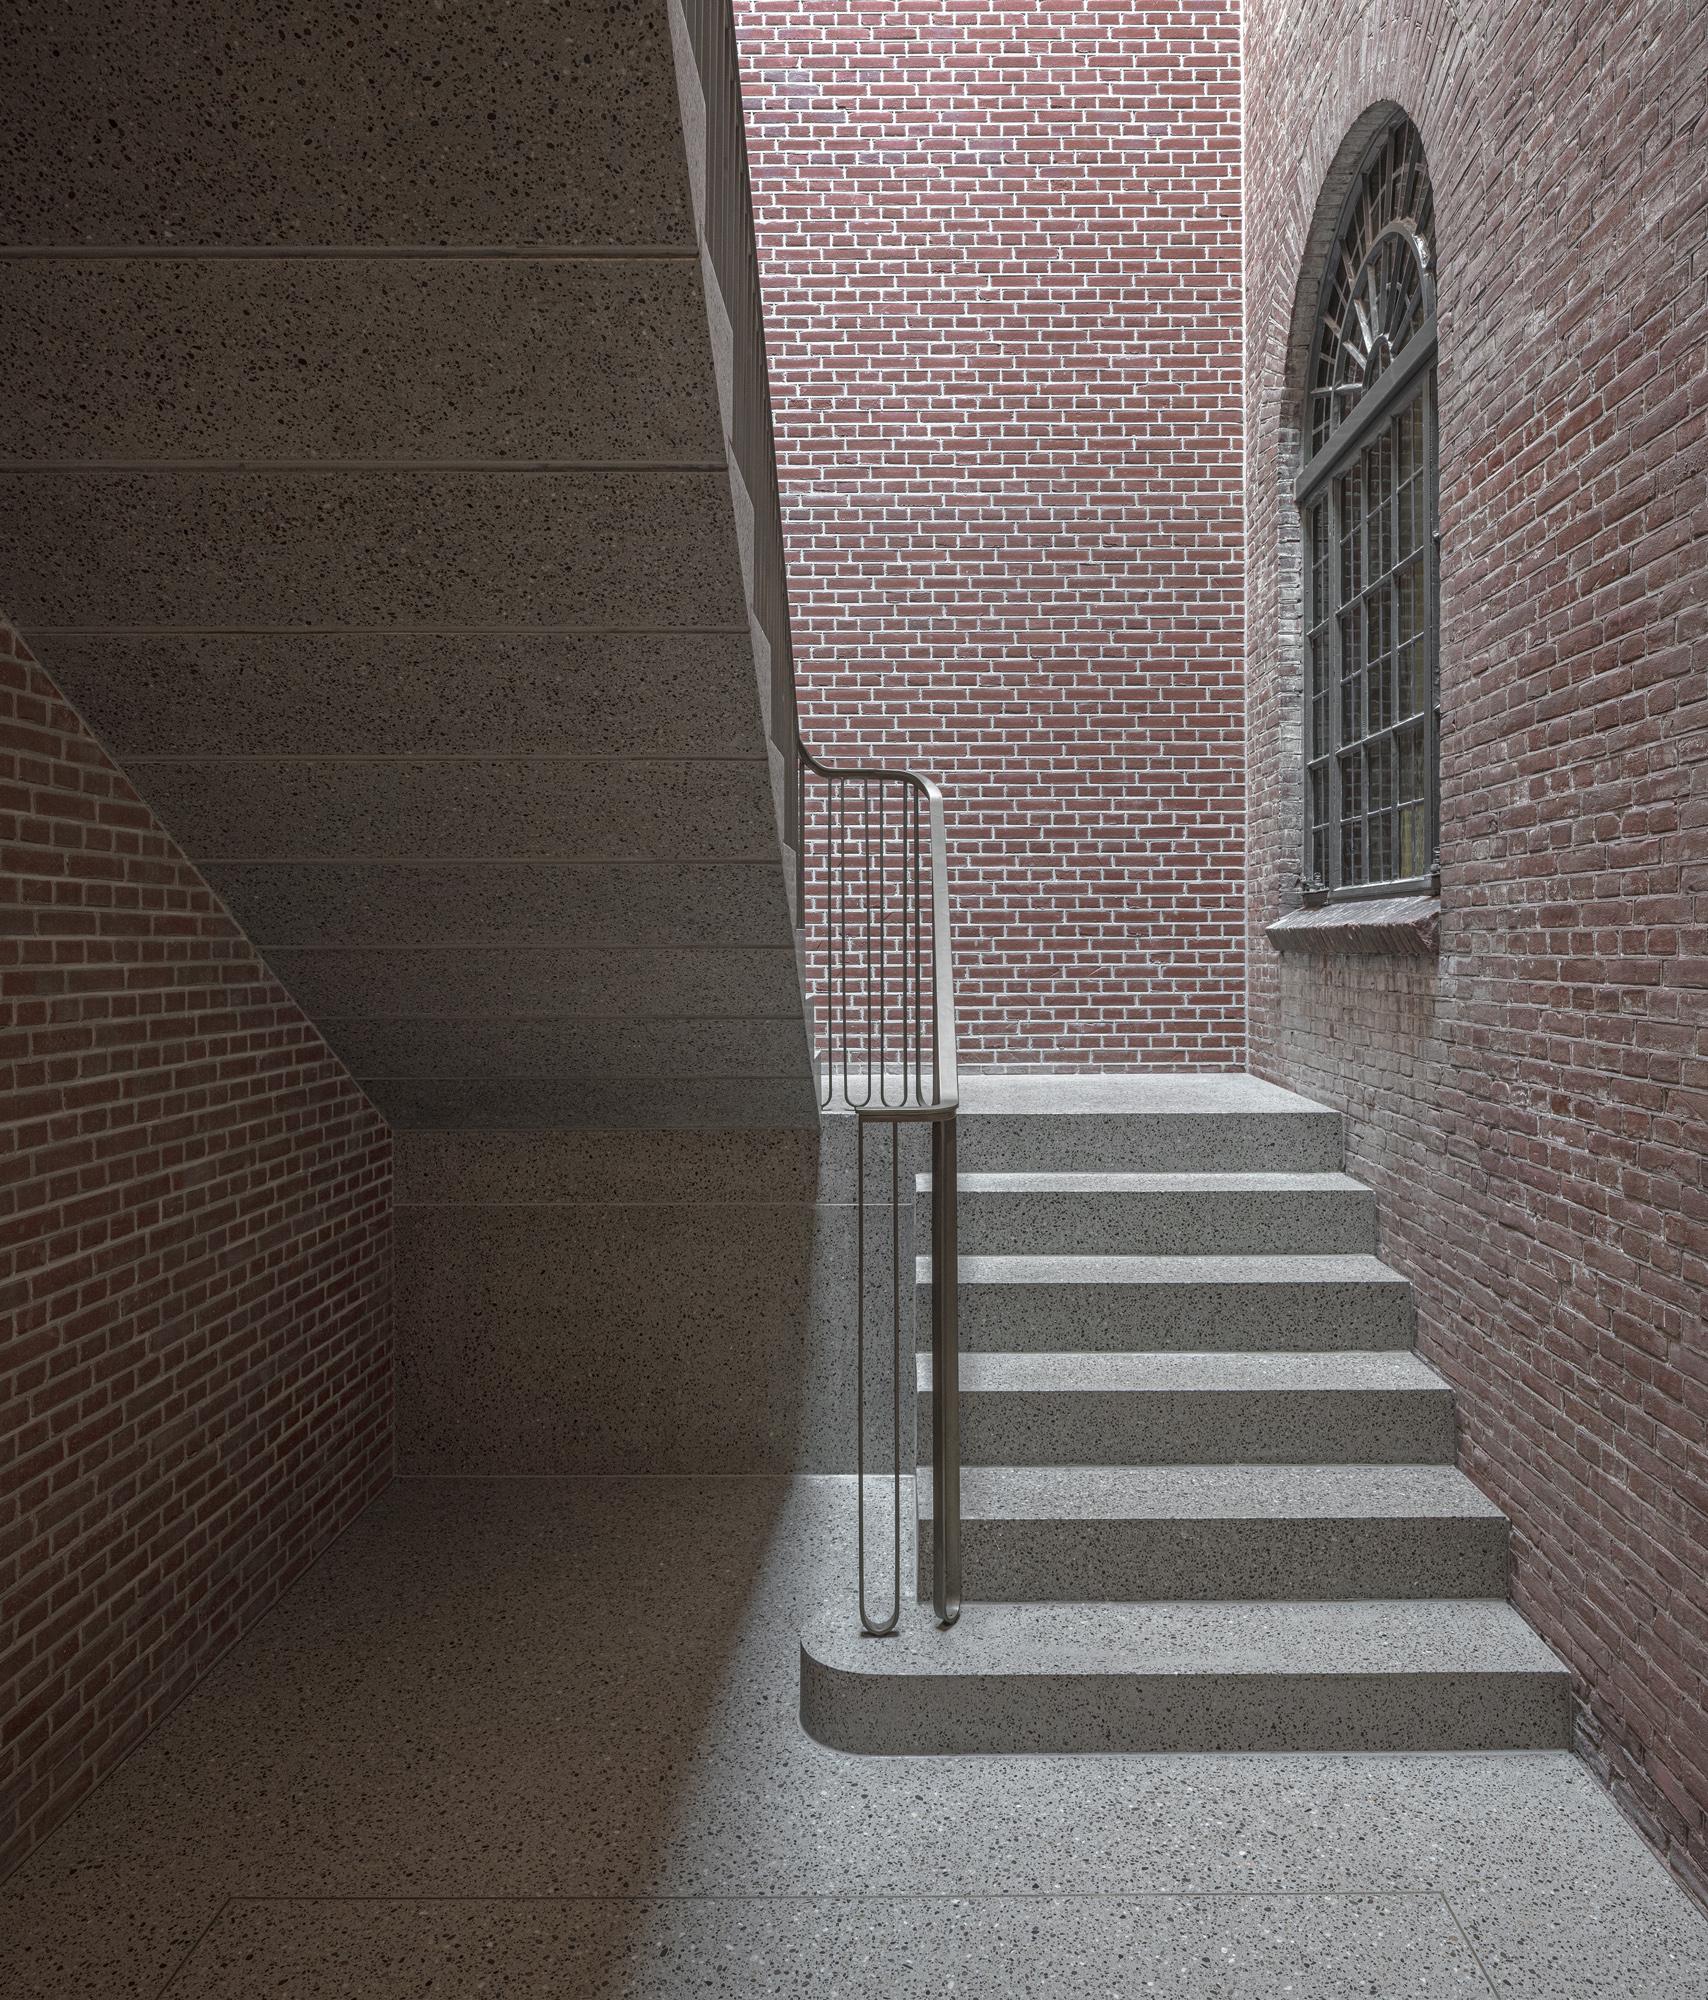 <p>Museum De Lakenhal Leiden door Happel Cornelisse Verhoeven en Julian Harrap Architects. Beeld Karin Borghouts</p>